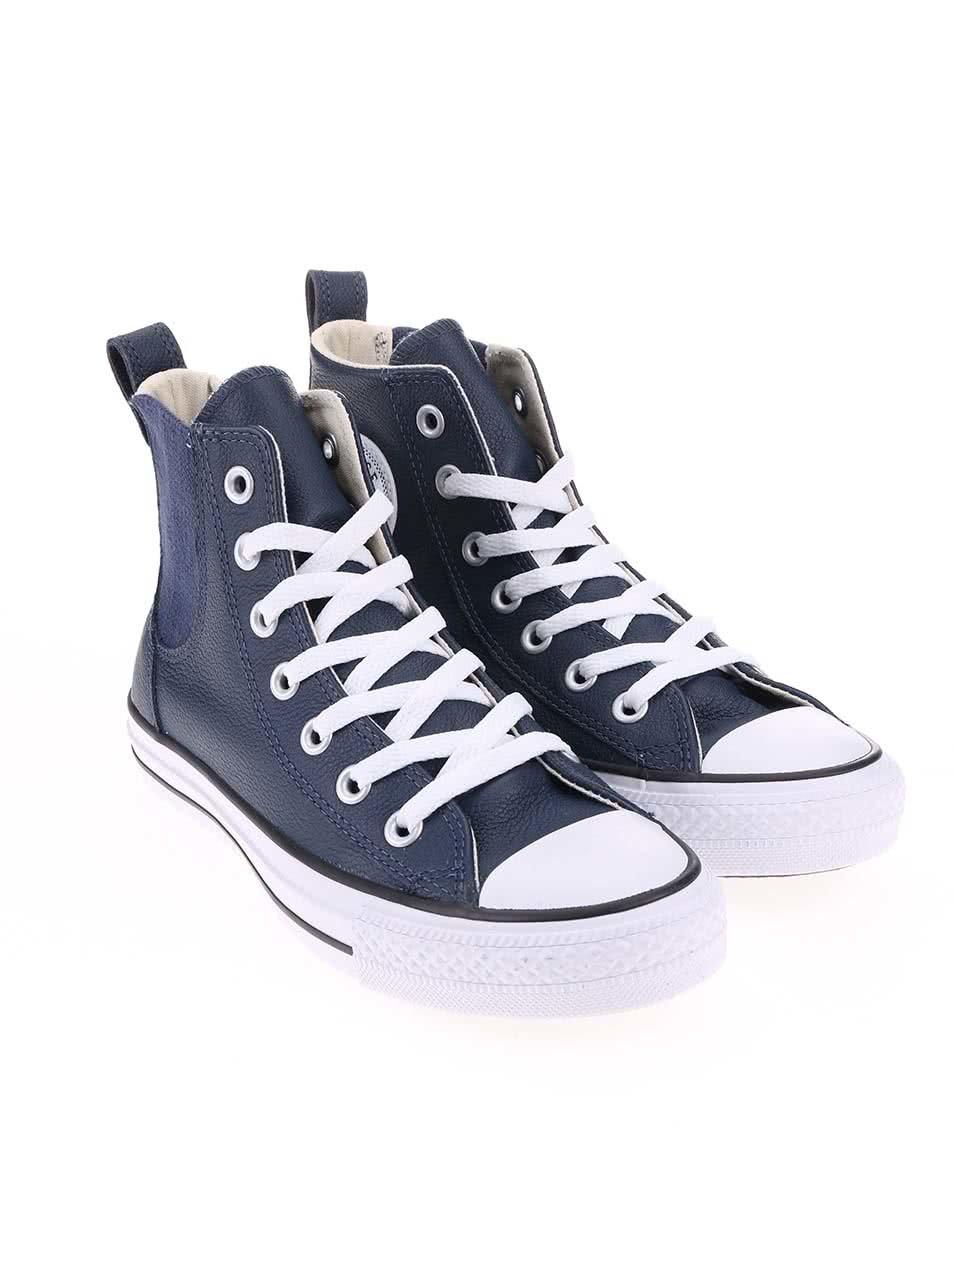 86ce2b3b337 Tmavě modré dámské kožené tenisky Converse Chuck Taylor Chelsee ...